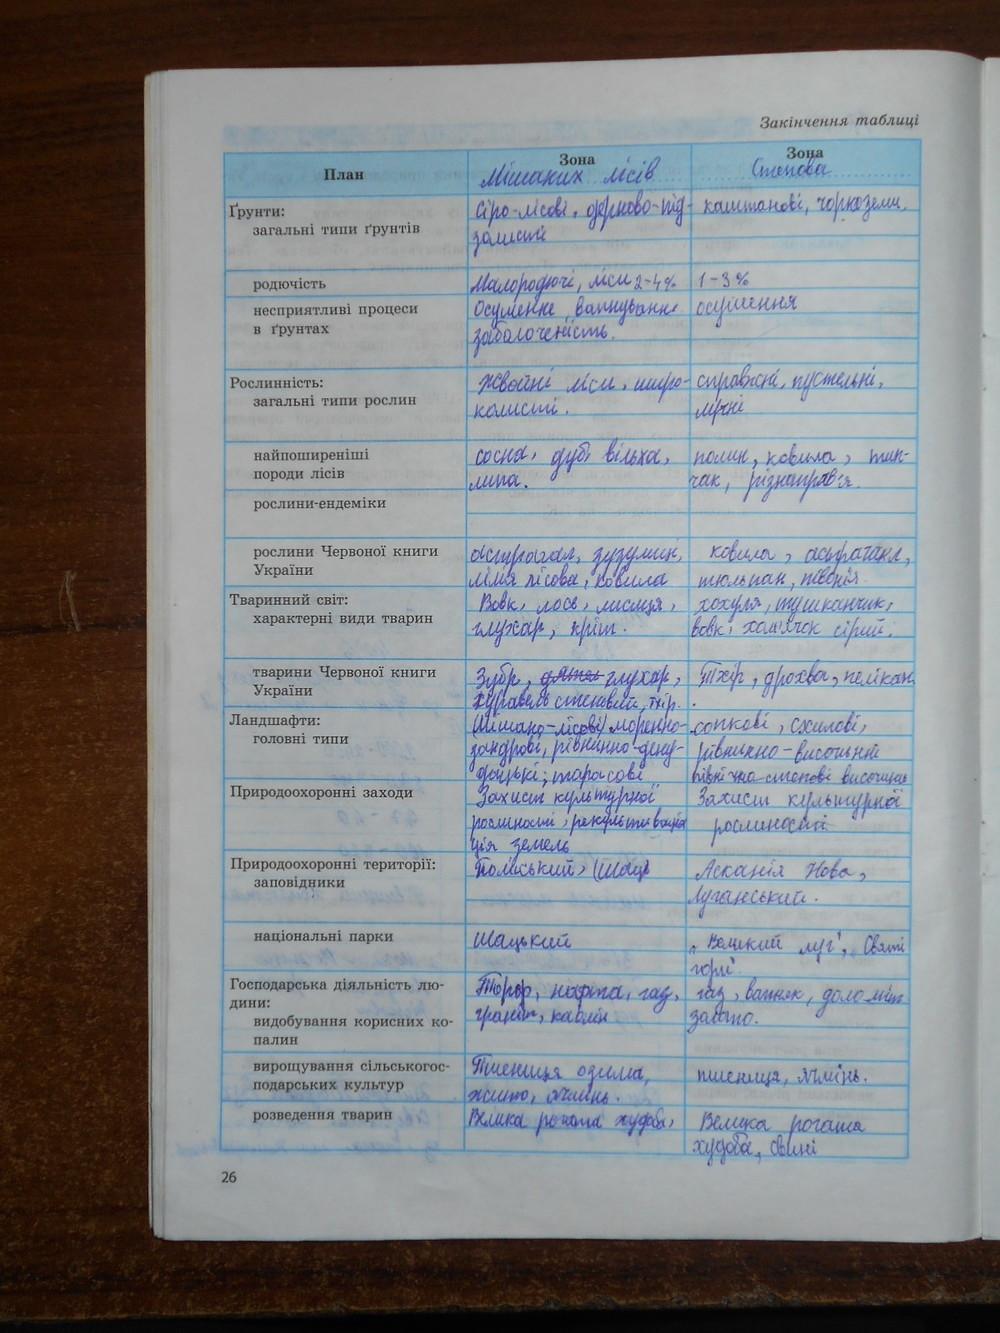 ГДЗ відповіді робочий зошит по географии 8 класс Т.Г. Гільберг, В.М. Проценко. Задание: стр. 26